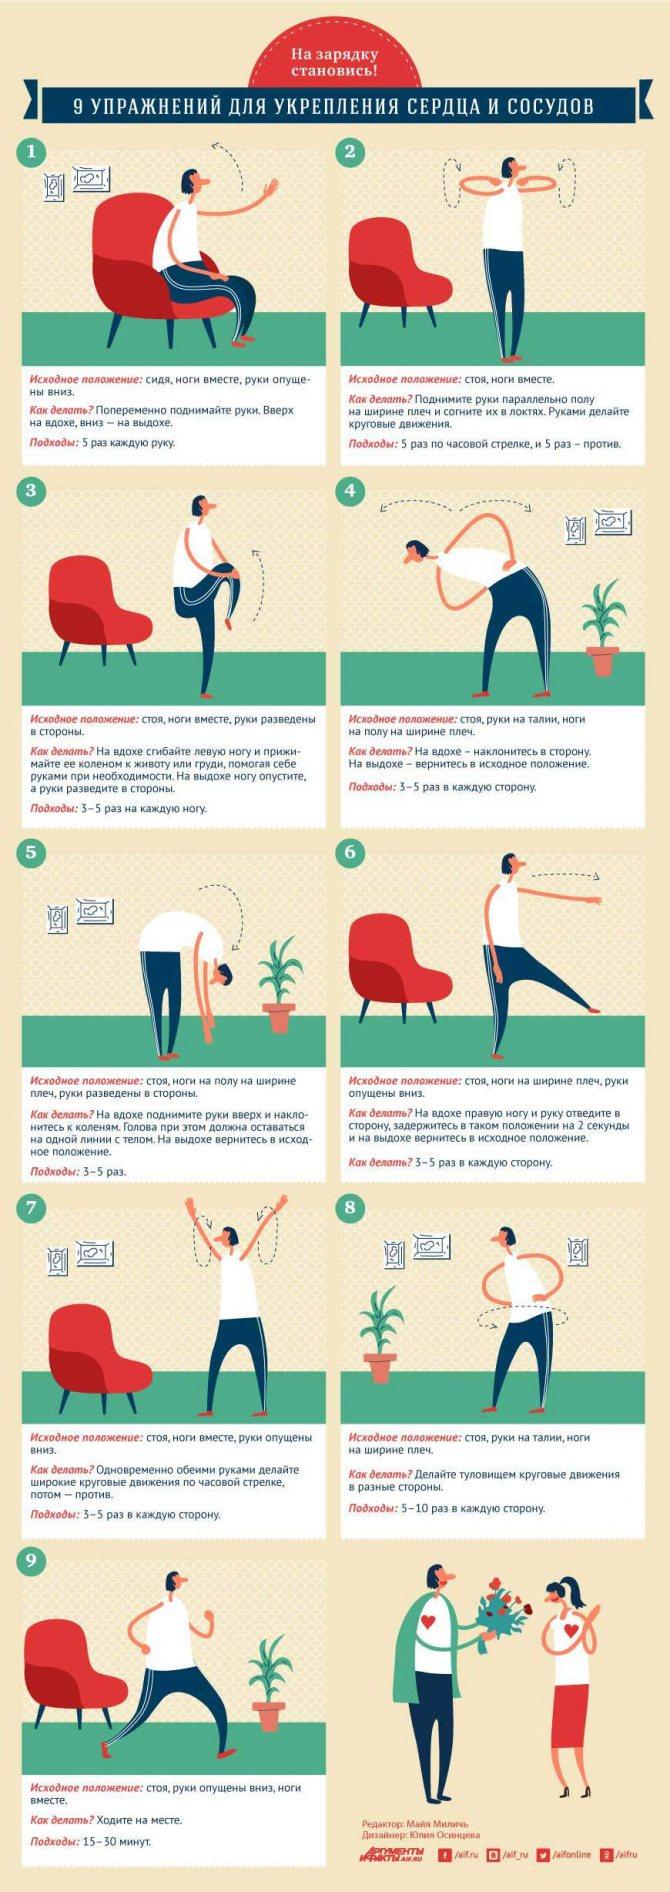 Упражнения для сердца - лфк, кардио, йога. китайская гимнастика